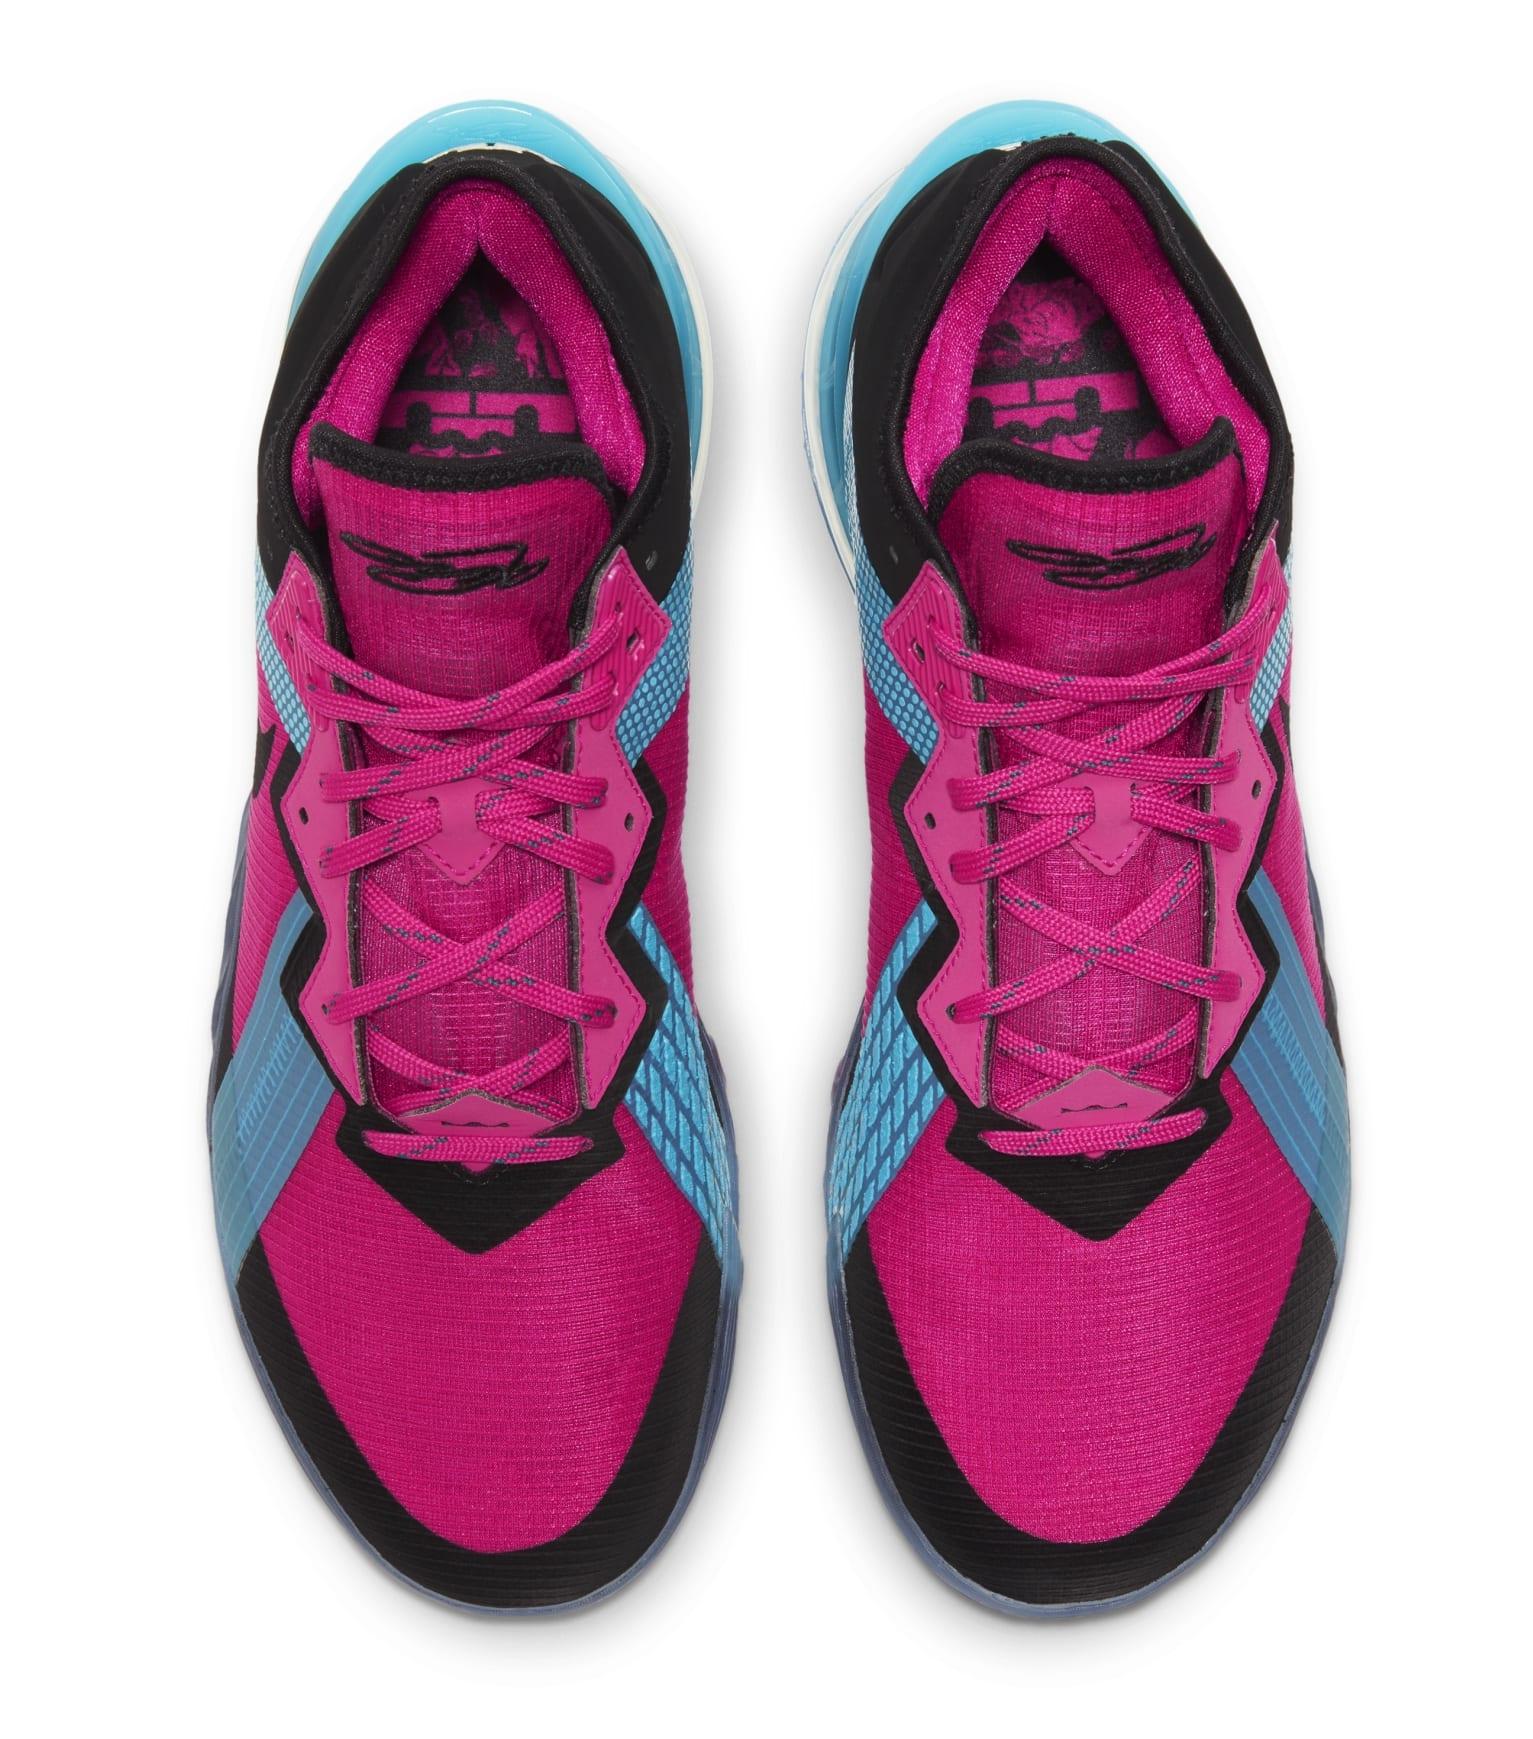 Nike LeBron 18 Low 'Fireberry' CV7562-600 Top